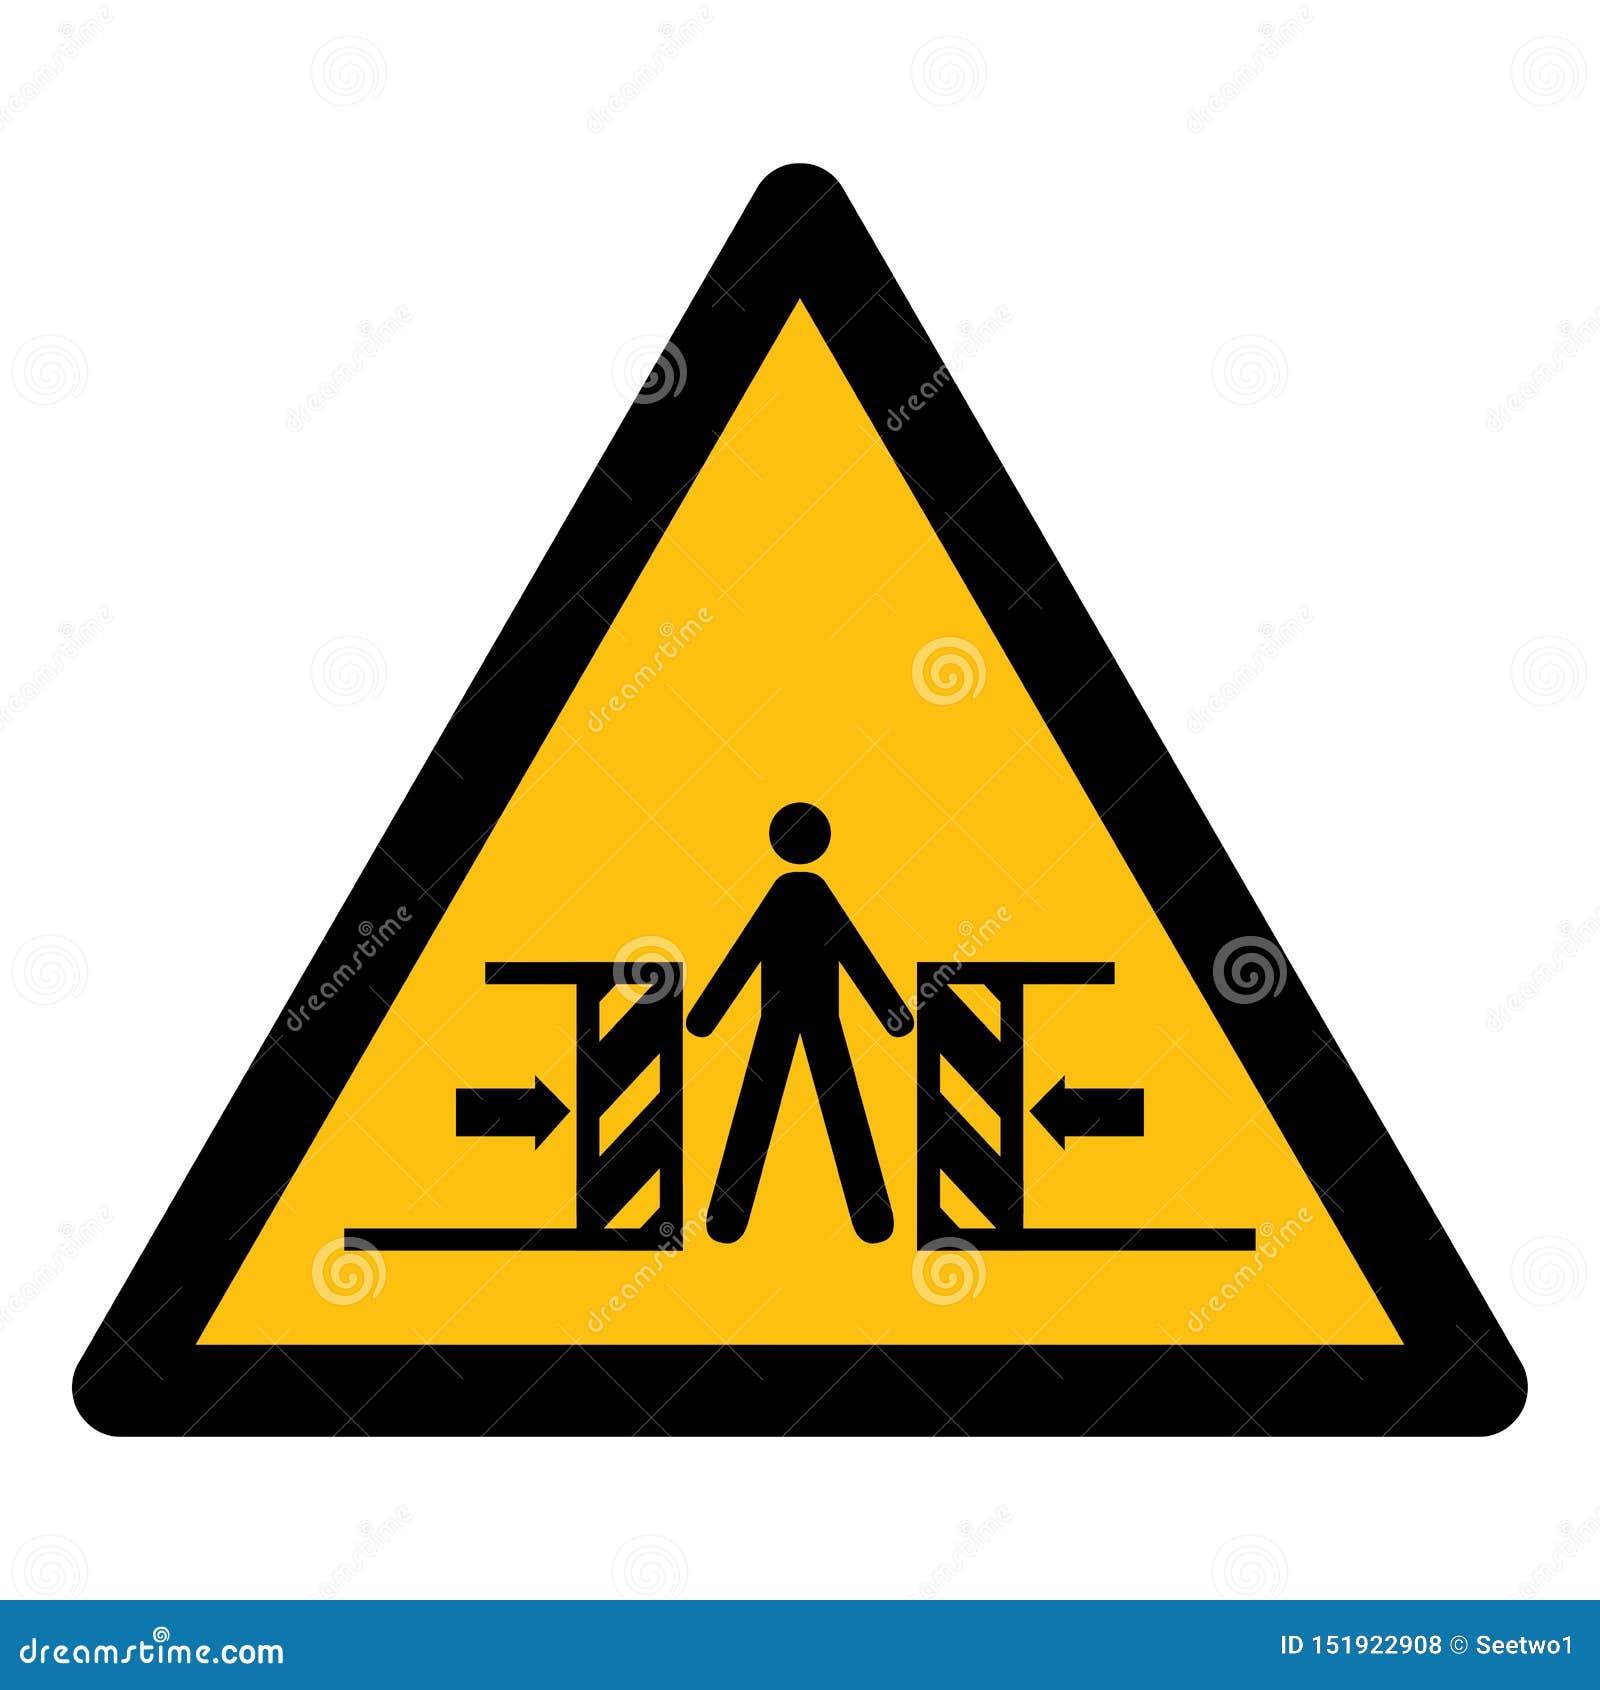 Passen Sie die Zerquetschung des Symbol-Zeichen-Isolats auf weißem Hintergrund, Vektor-Illustration ENV auf 10